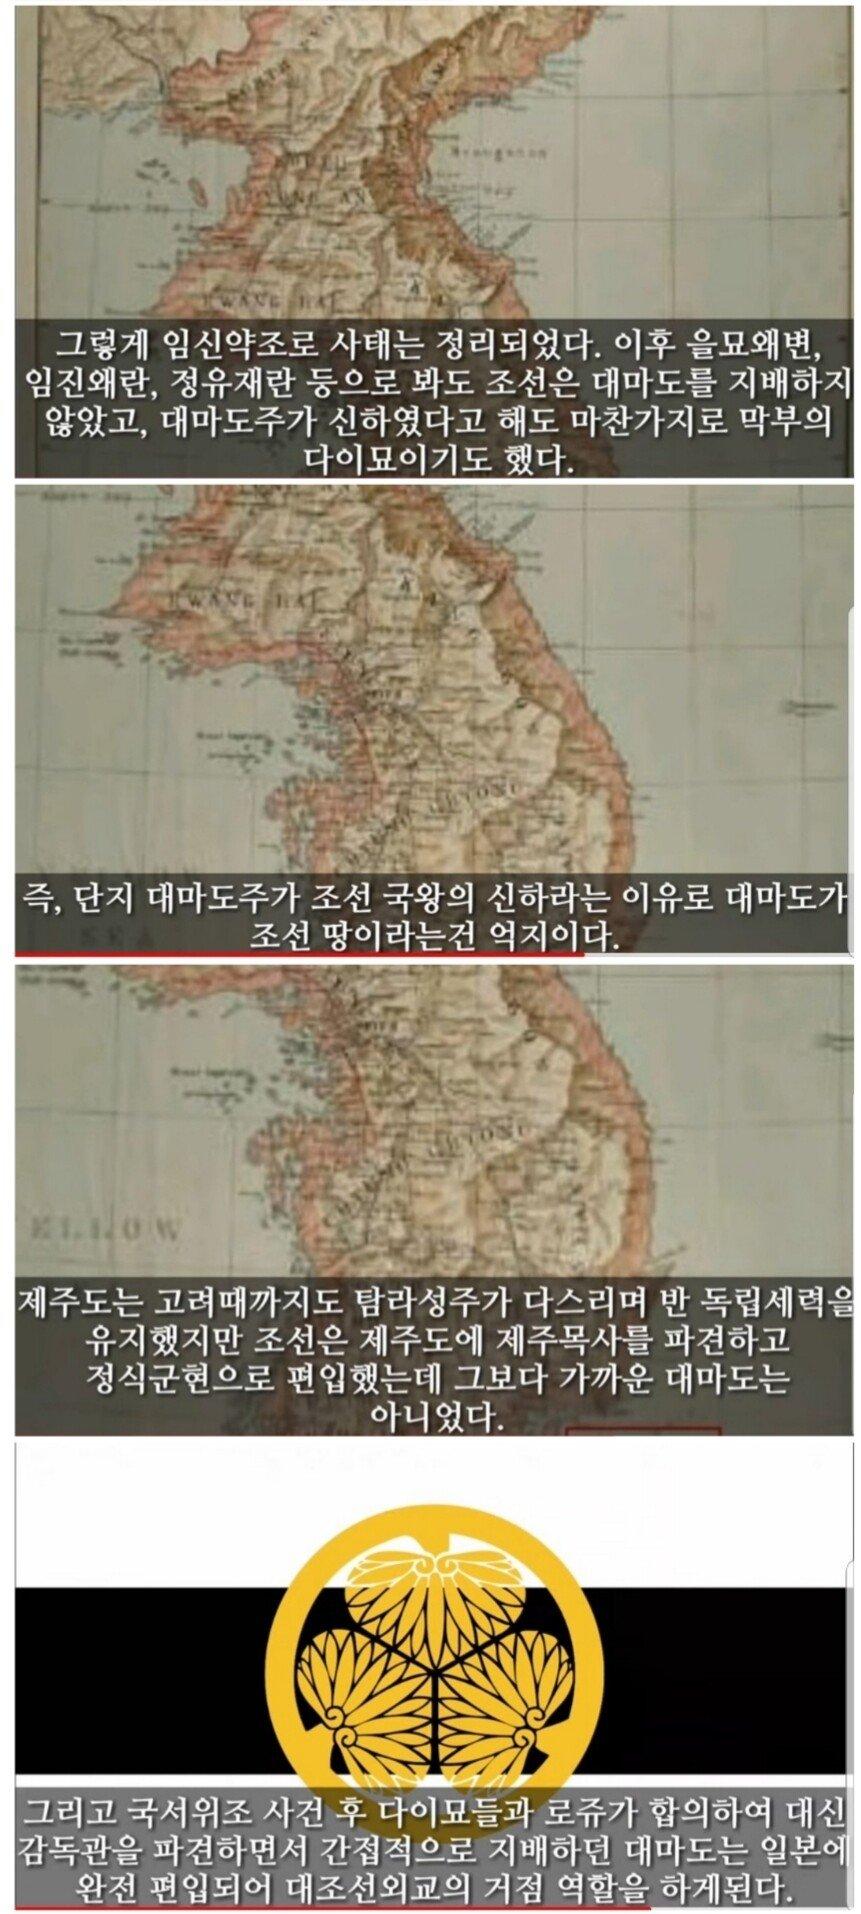 20200529_172923.jpg 쓰시마가 한민족 국가의 영토였던 적은 없다.jpg